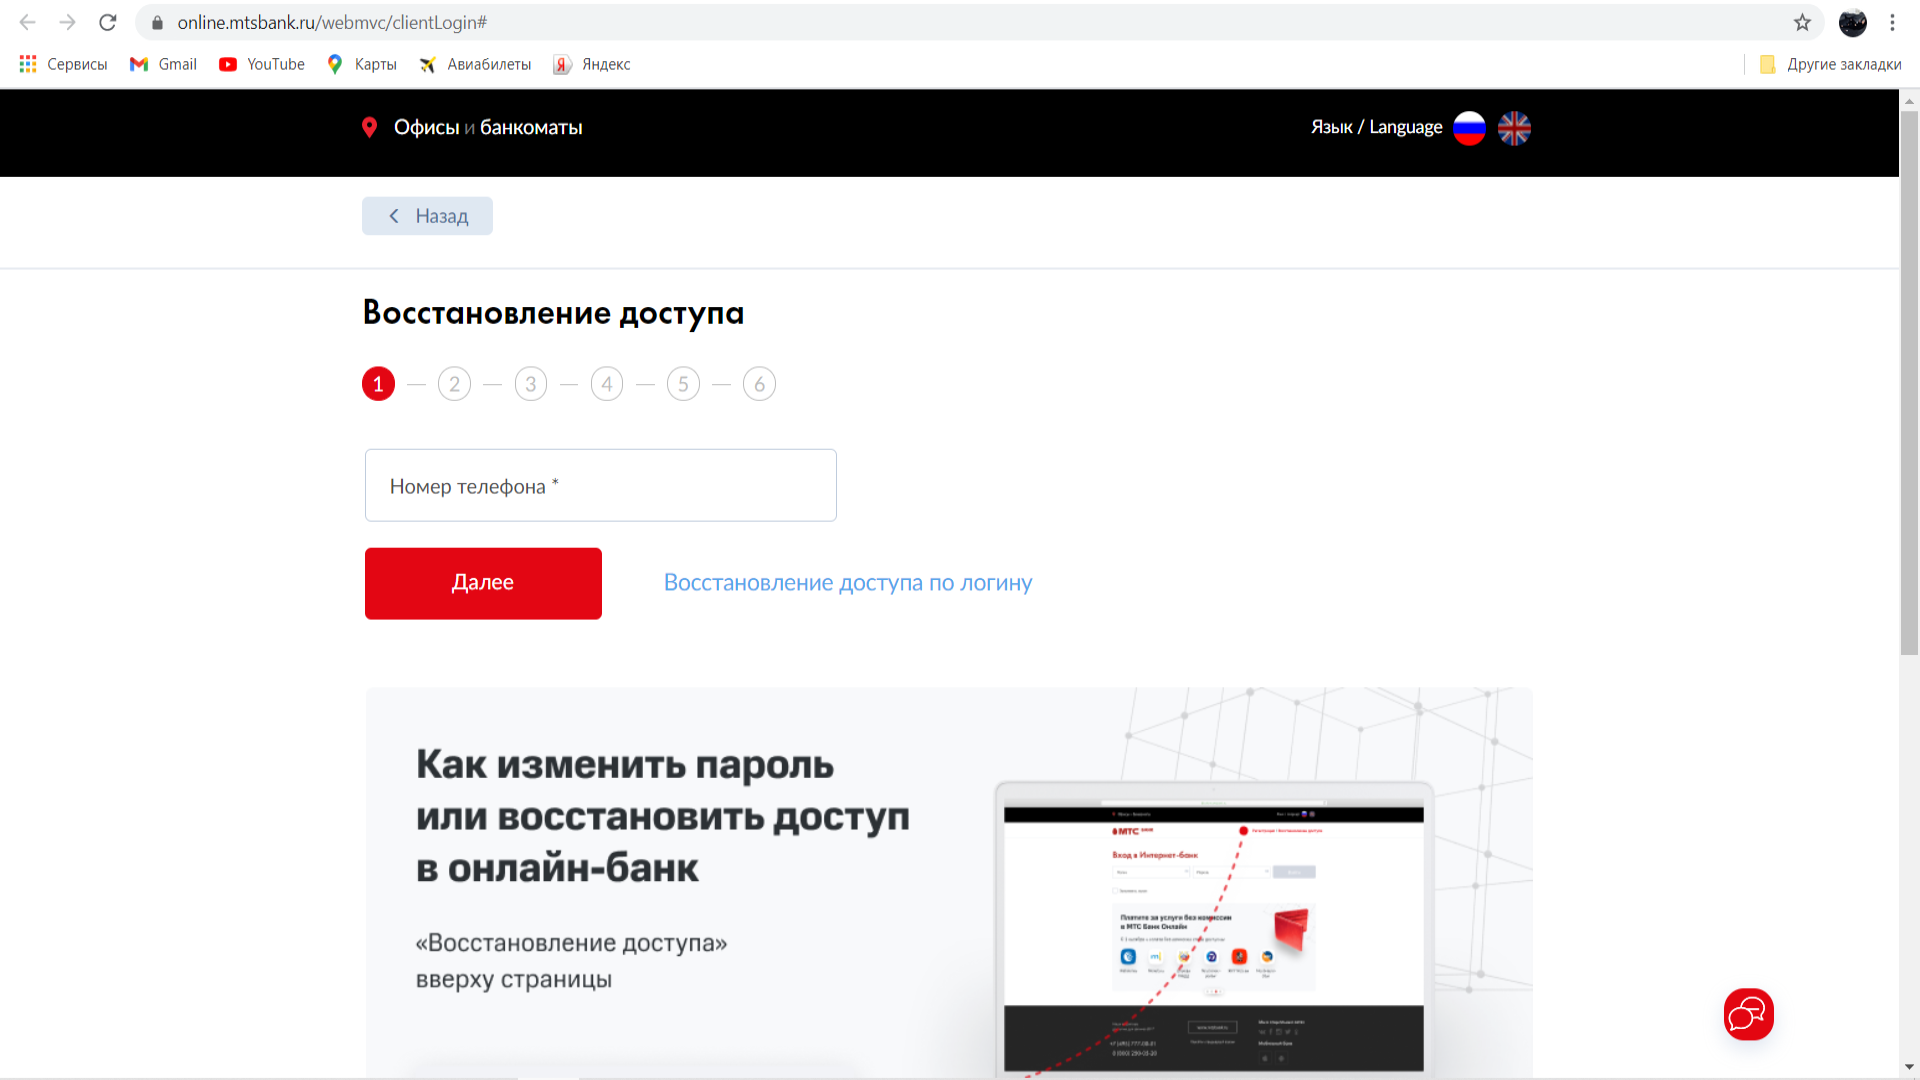 восстановление пароля мтс банк